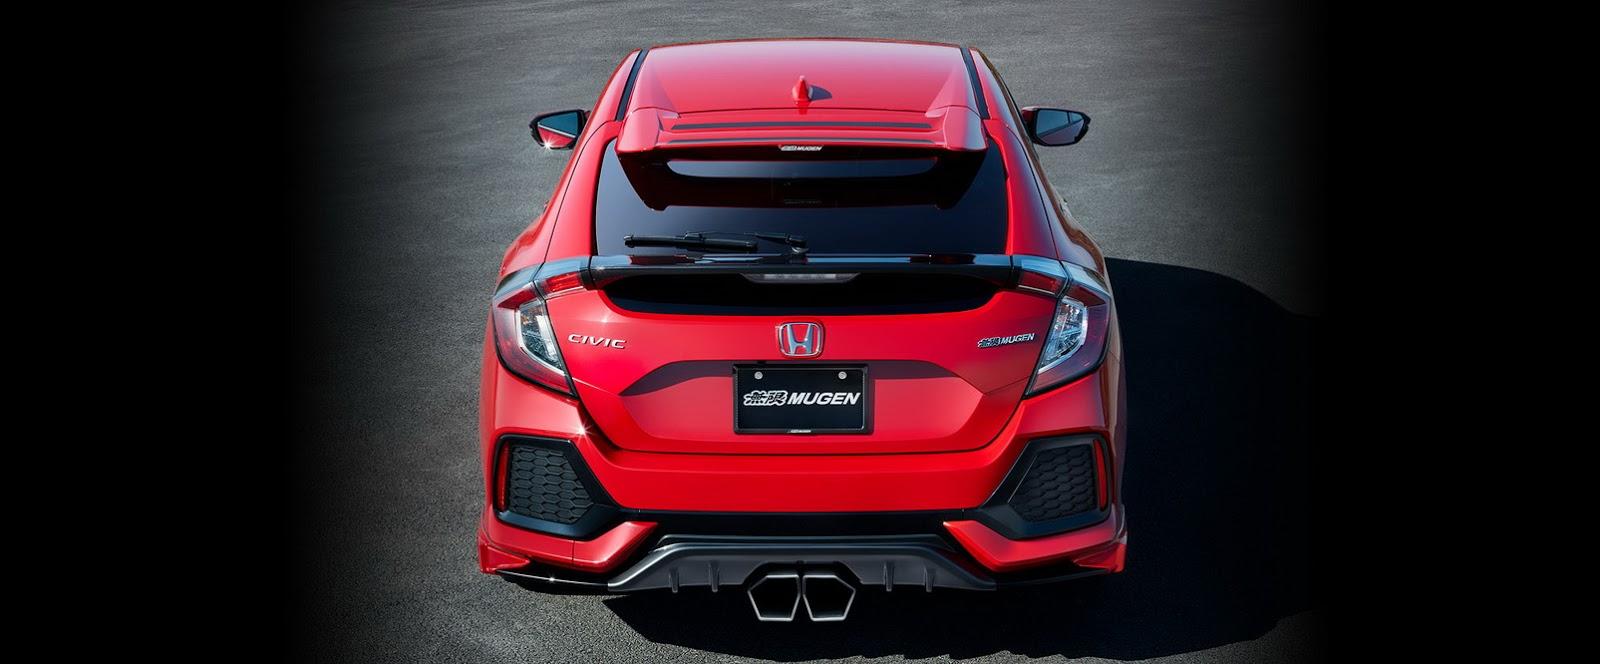 Honda_Civic_by_Mugen_0013